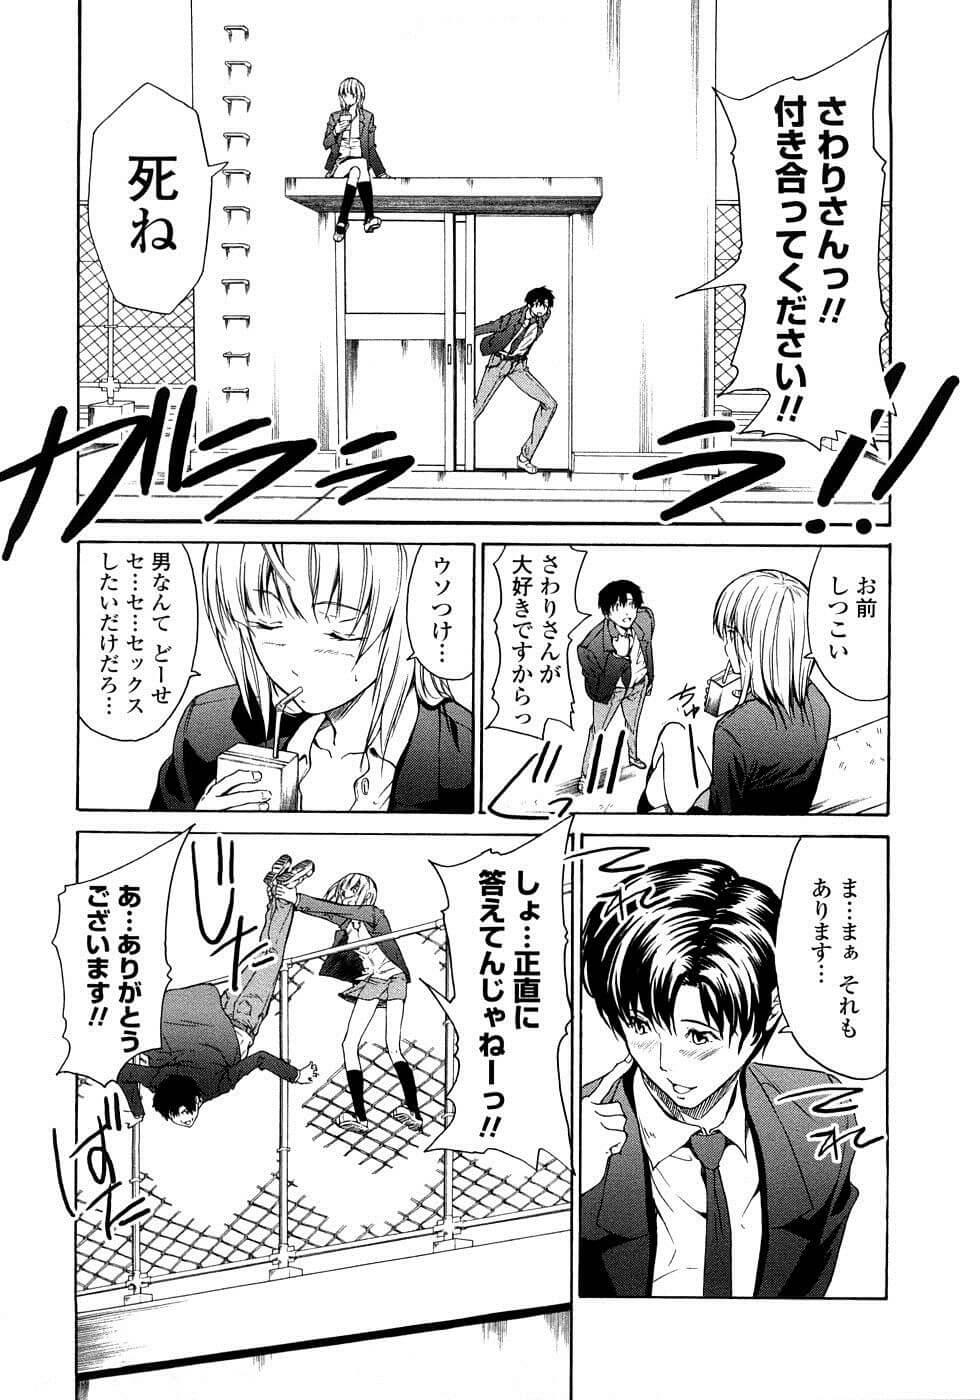 【エロ漫画】学校ではまわりの人間から怖がられているツンデレな不良JKは、最近ある男子から何度も付き合ってくれと告白されていて…【無料 エロ同人】 (3)